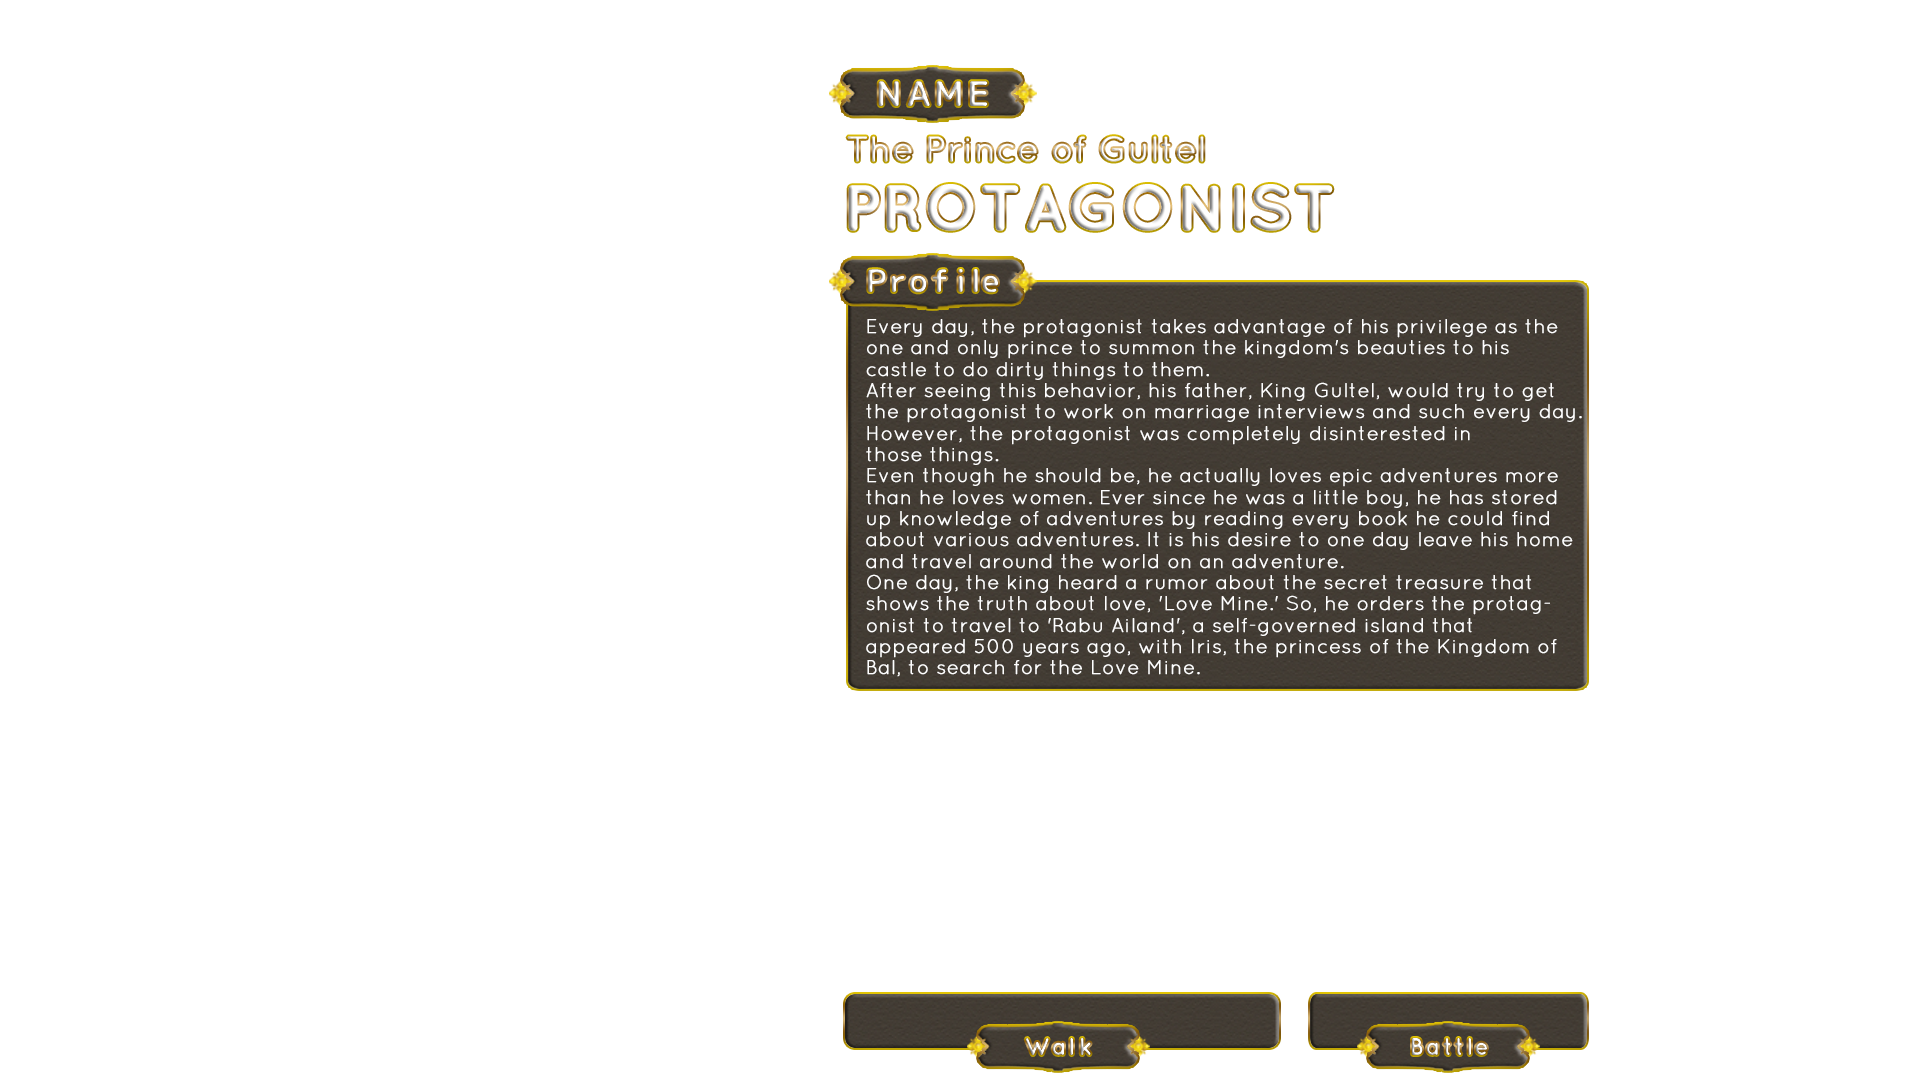 PROTAGONIST_profile